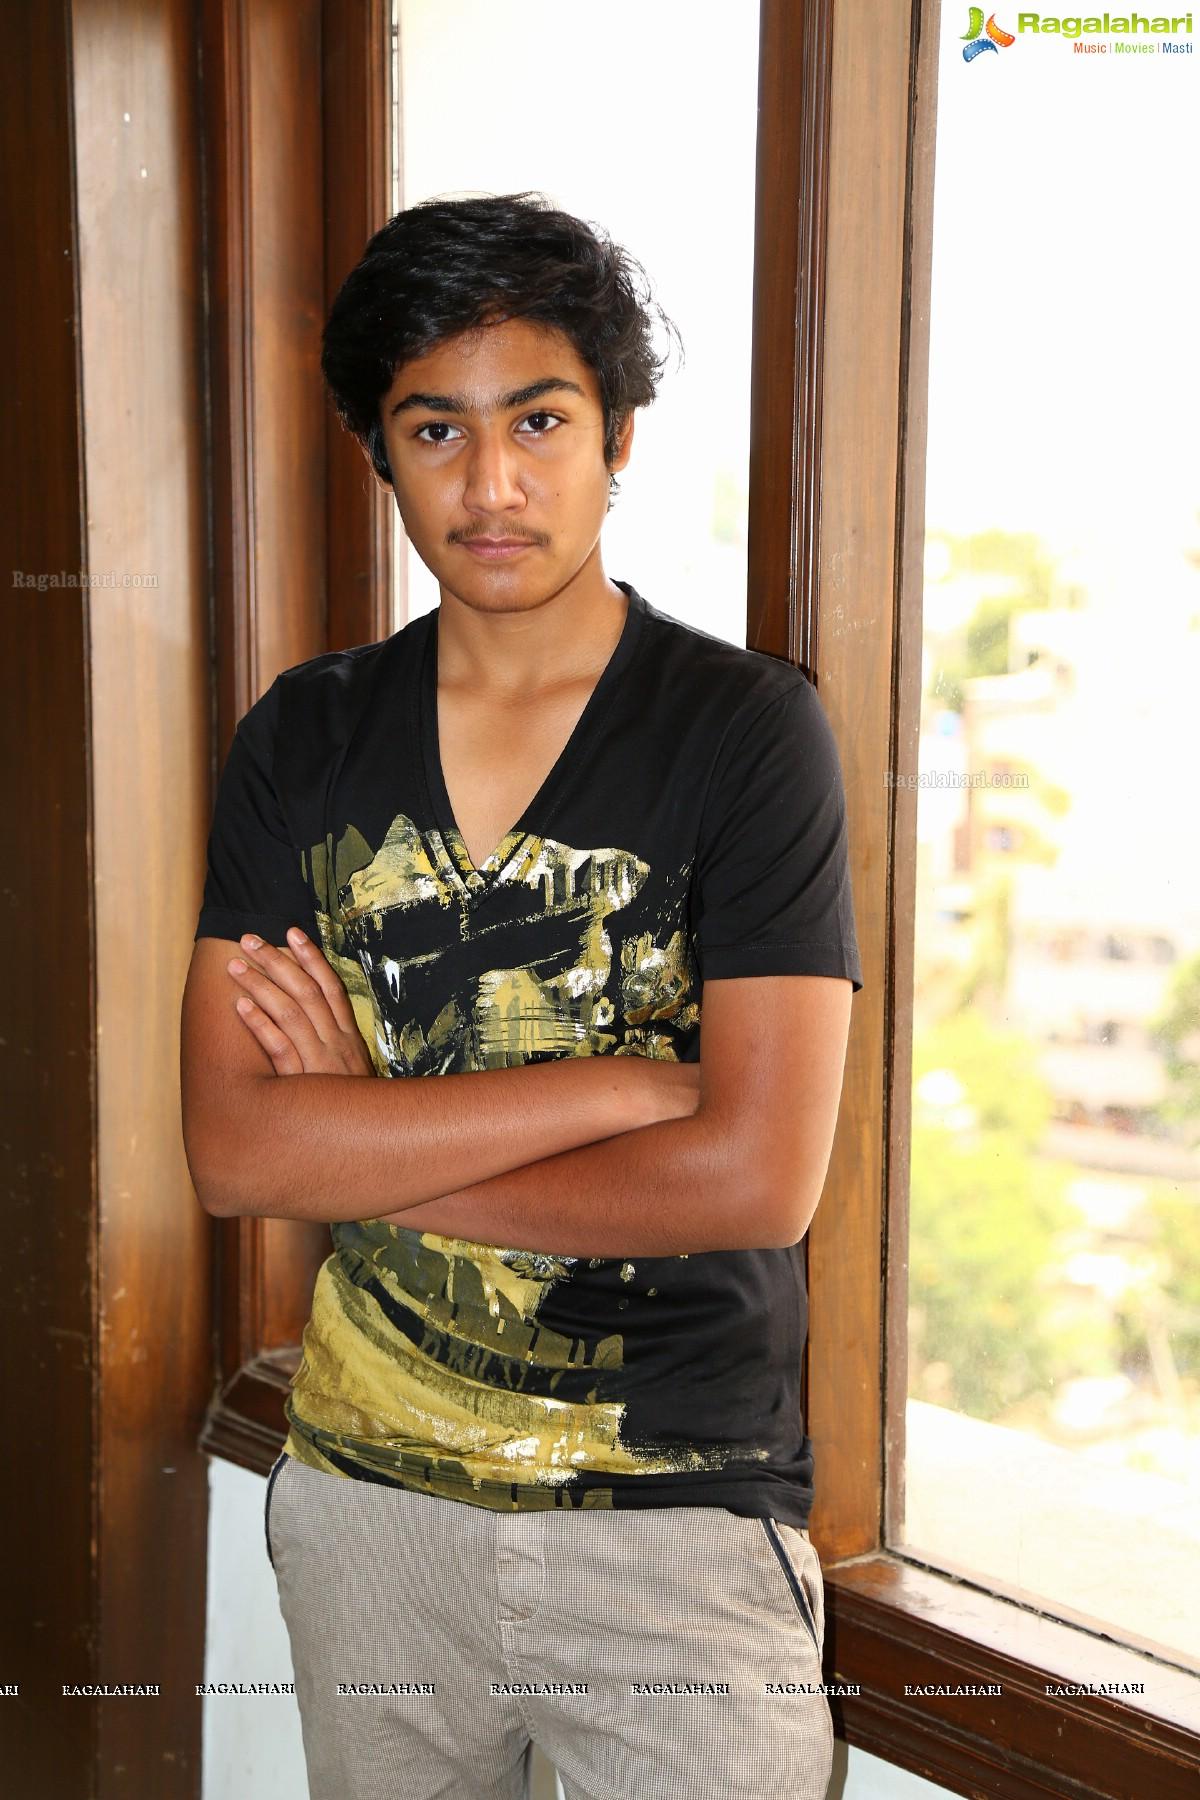 Vikram Sahidev Image 12 Latest Actor Galleriesimages Pics